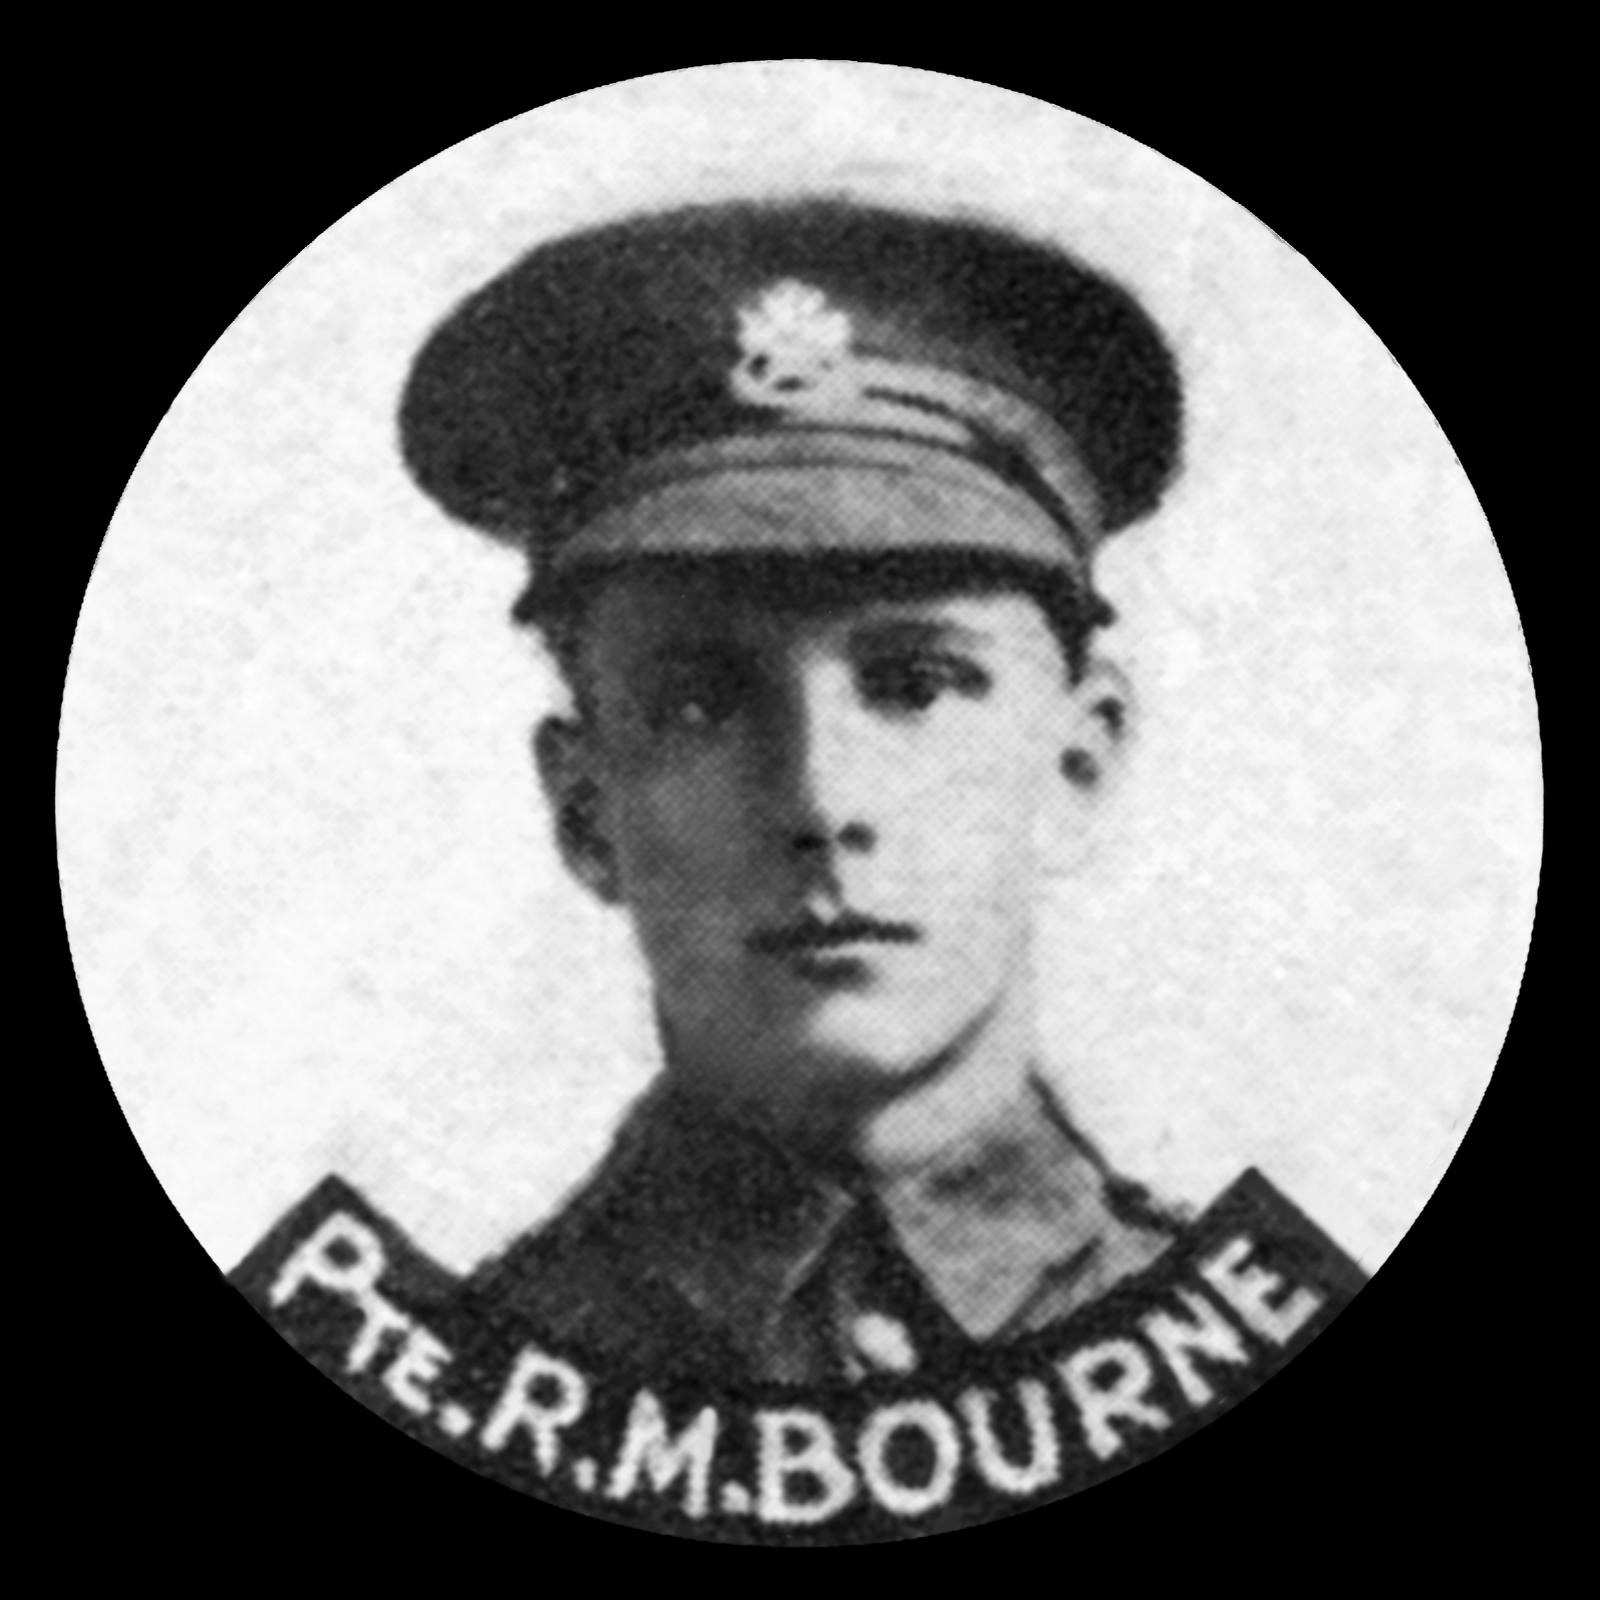 BOURNE Raymond Milner